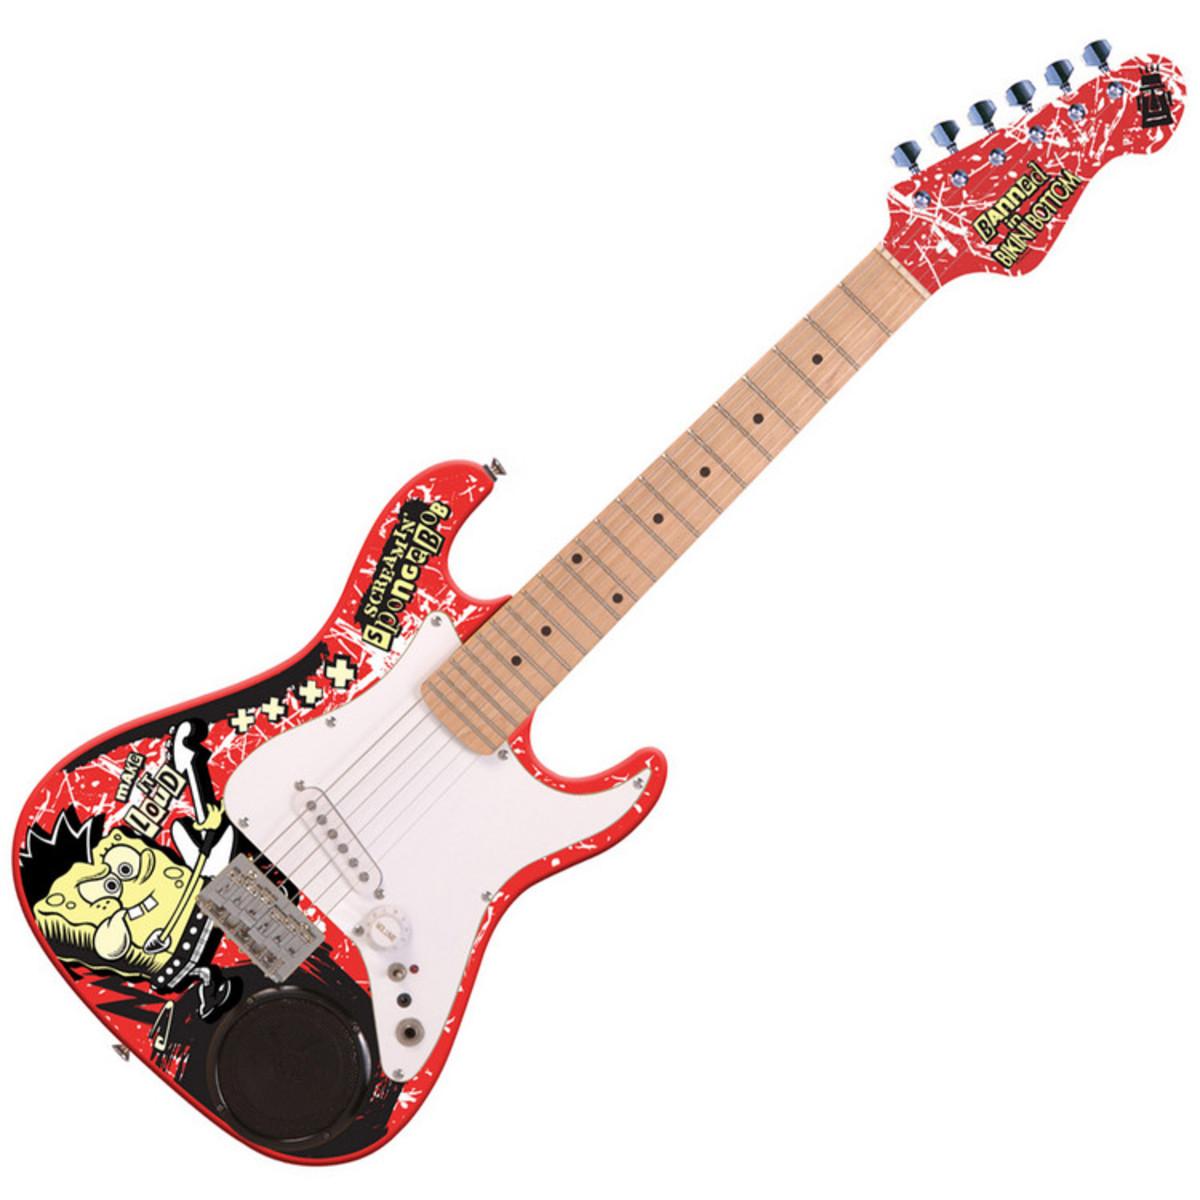 bob l 39 eponge guitare lectrique 3 4 int gr e haut parleur. Black Bedroom Furniture Sets. Home Design Ideas